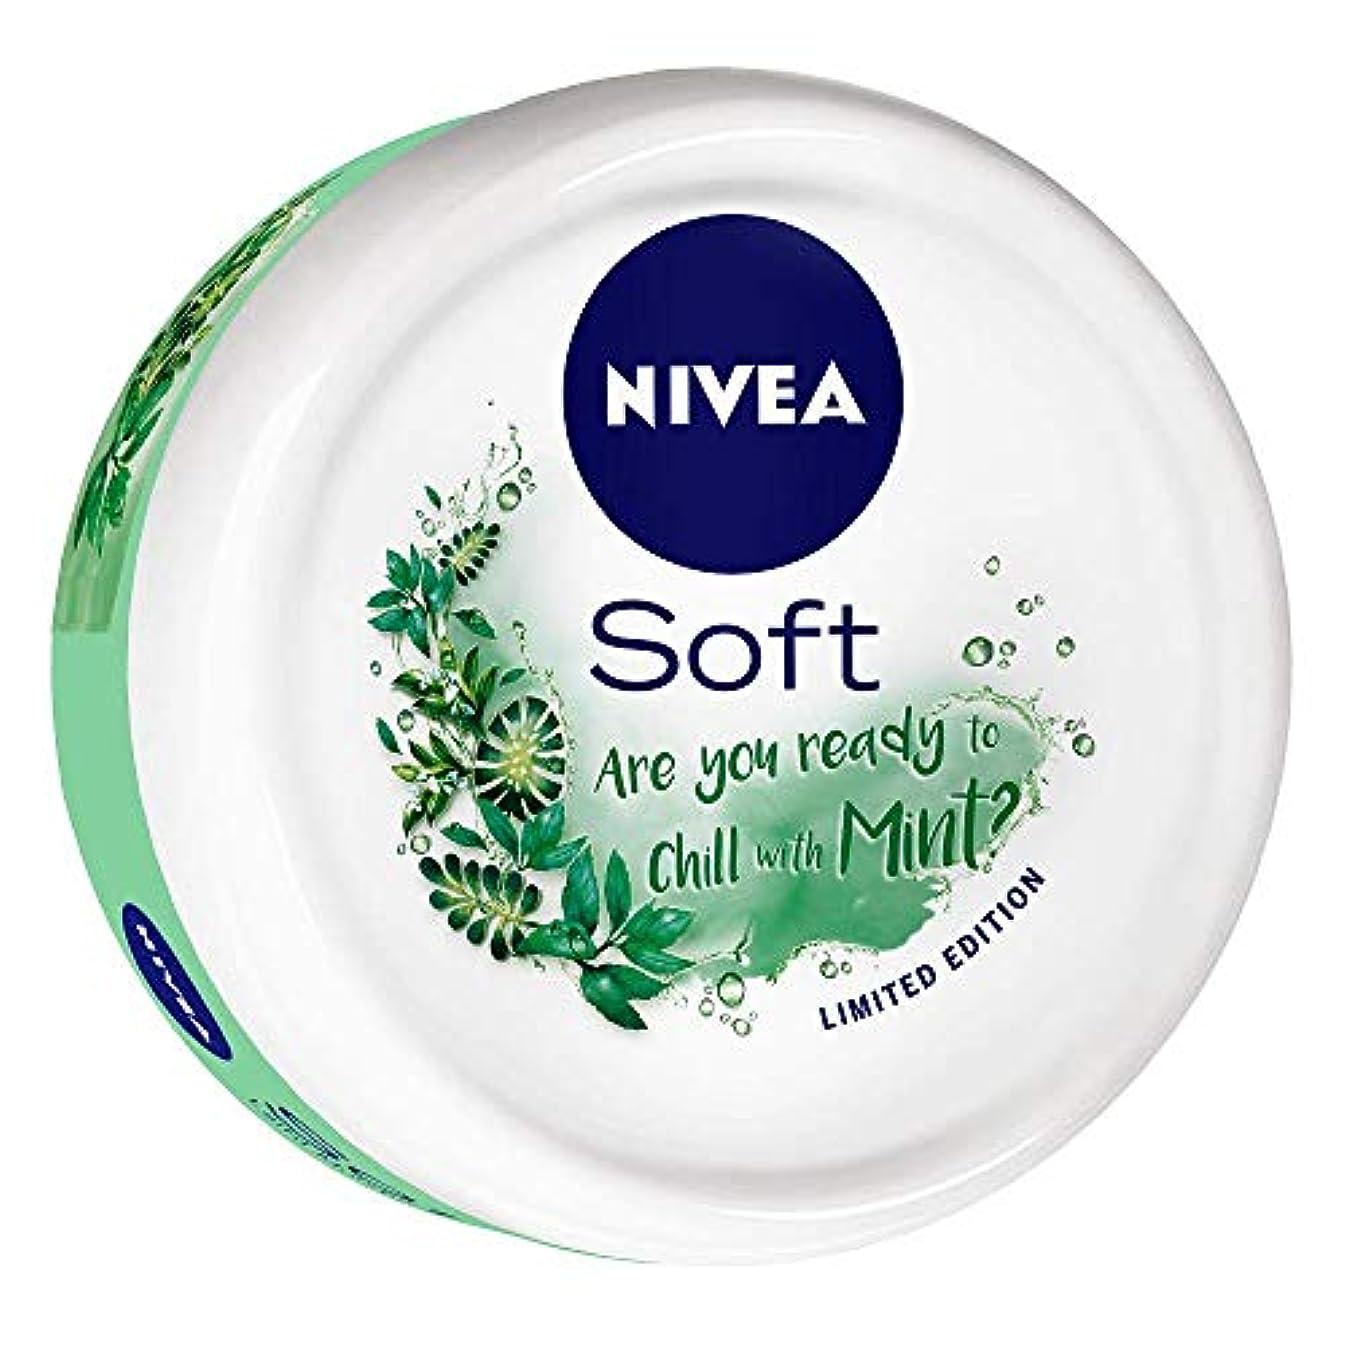 溶融カウントアップポップNIVEA Soft Light Moisturizer Chilled Mint With Vitamin E & Jojoba Oil, 200 ml